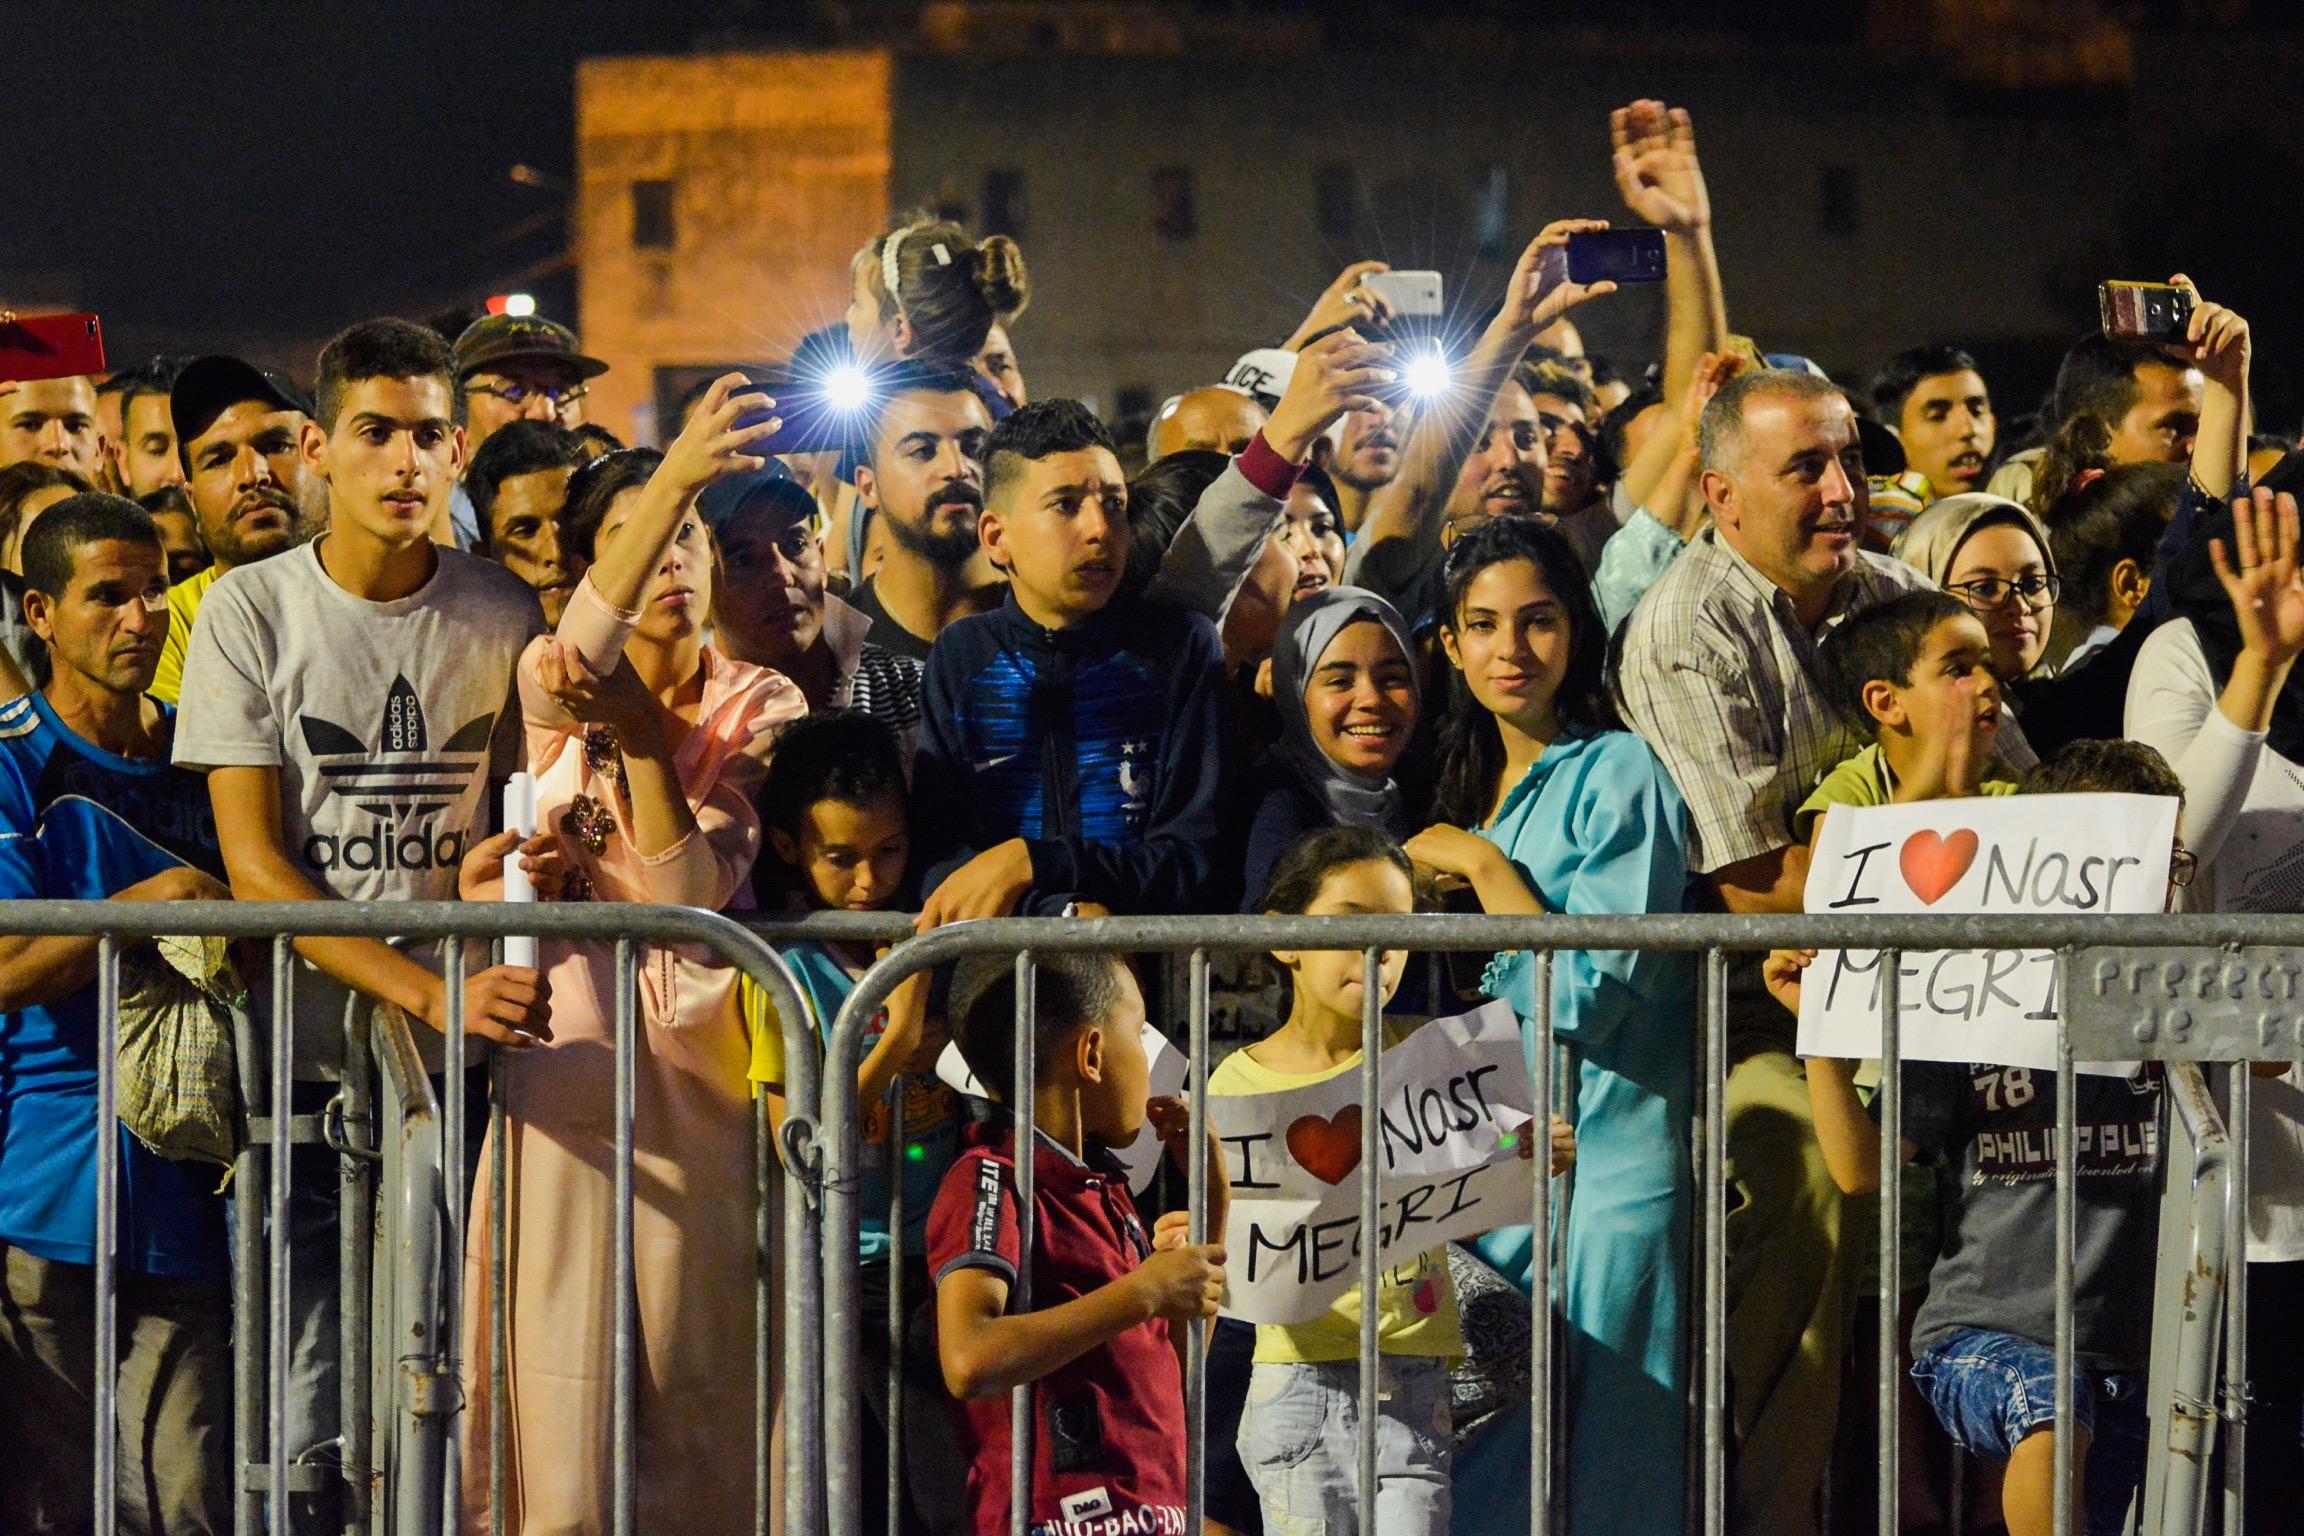 L'artiste Nasr Mégri s'est produit, mardi 18 juin, devant l'immense public de la scène de Bab Boujloud. © Hicham Ennouichi